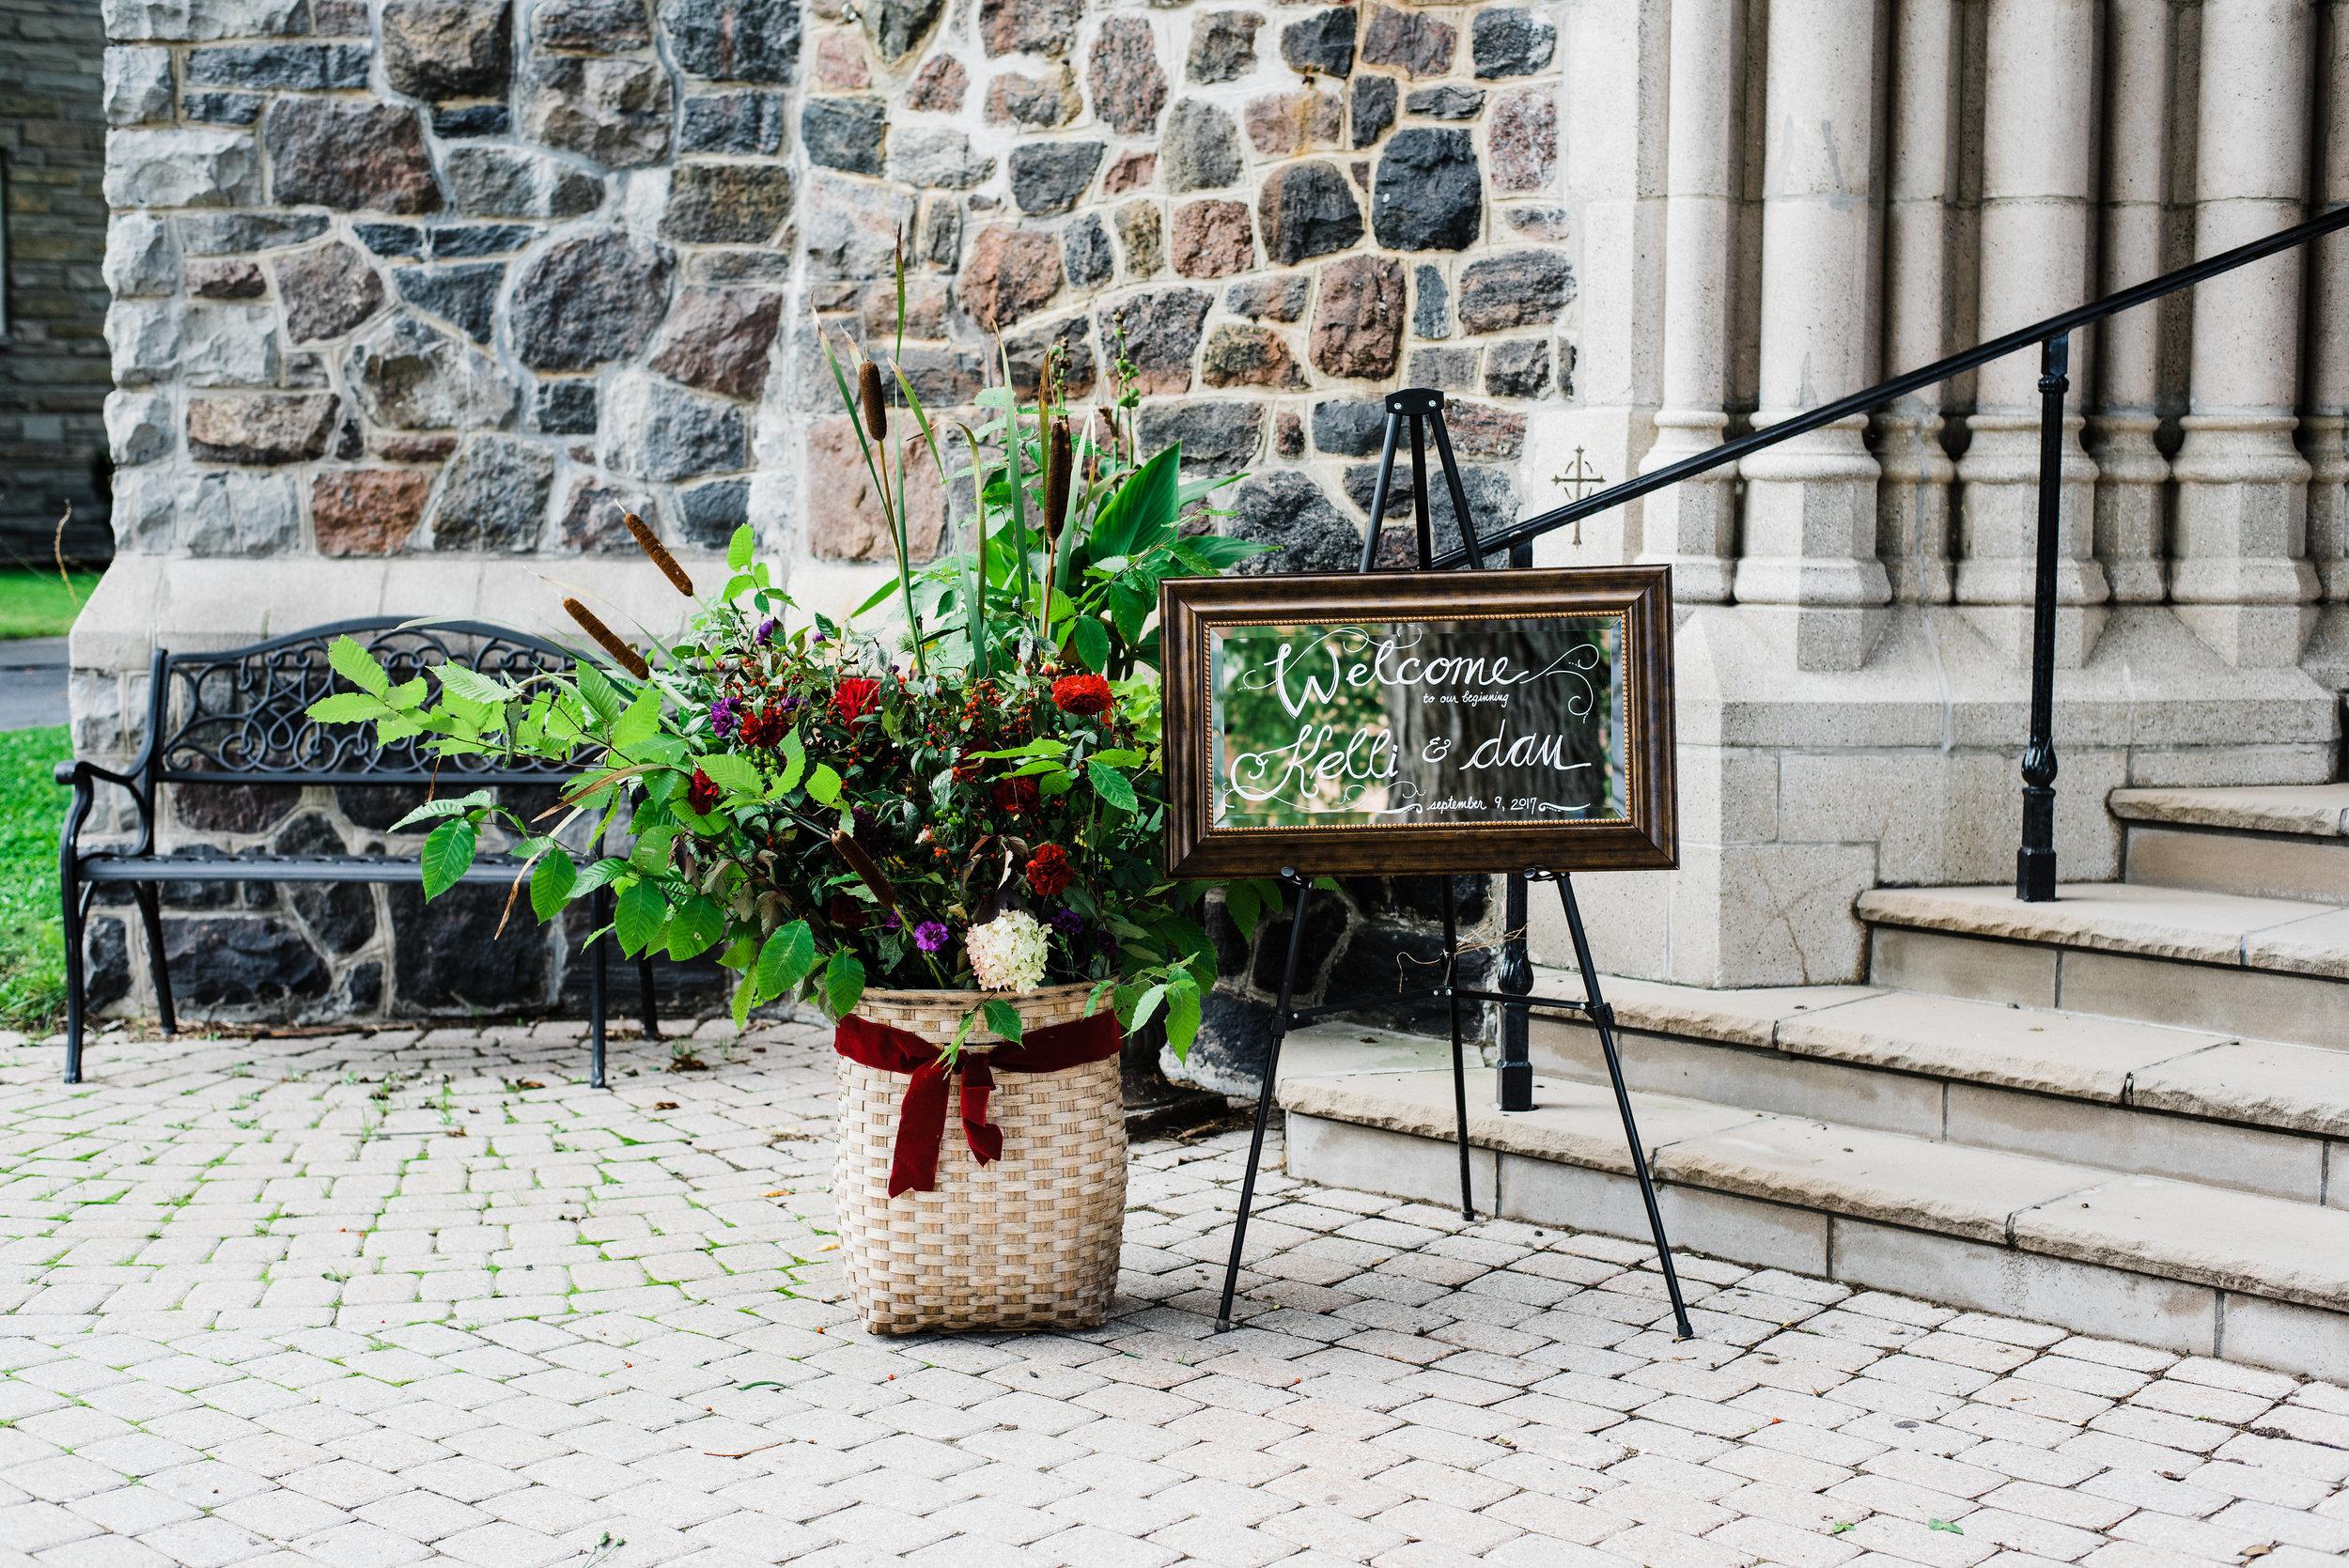 stone_church_cattail_wildflower_adirondack_pack_basket.jpg